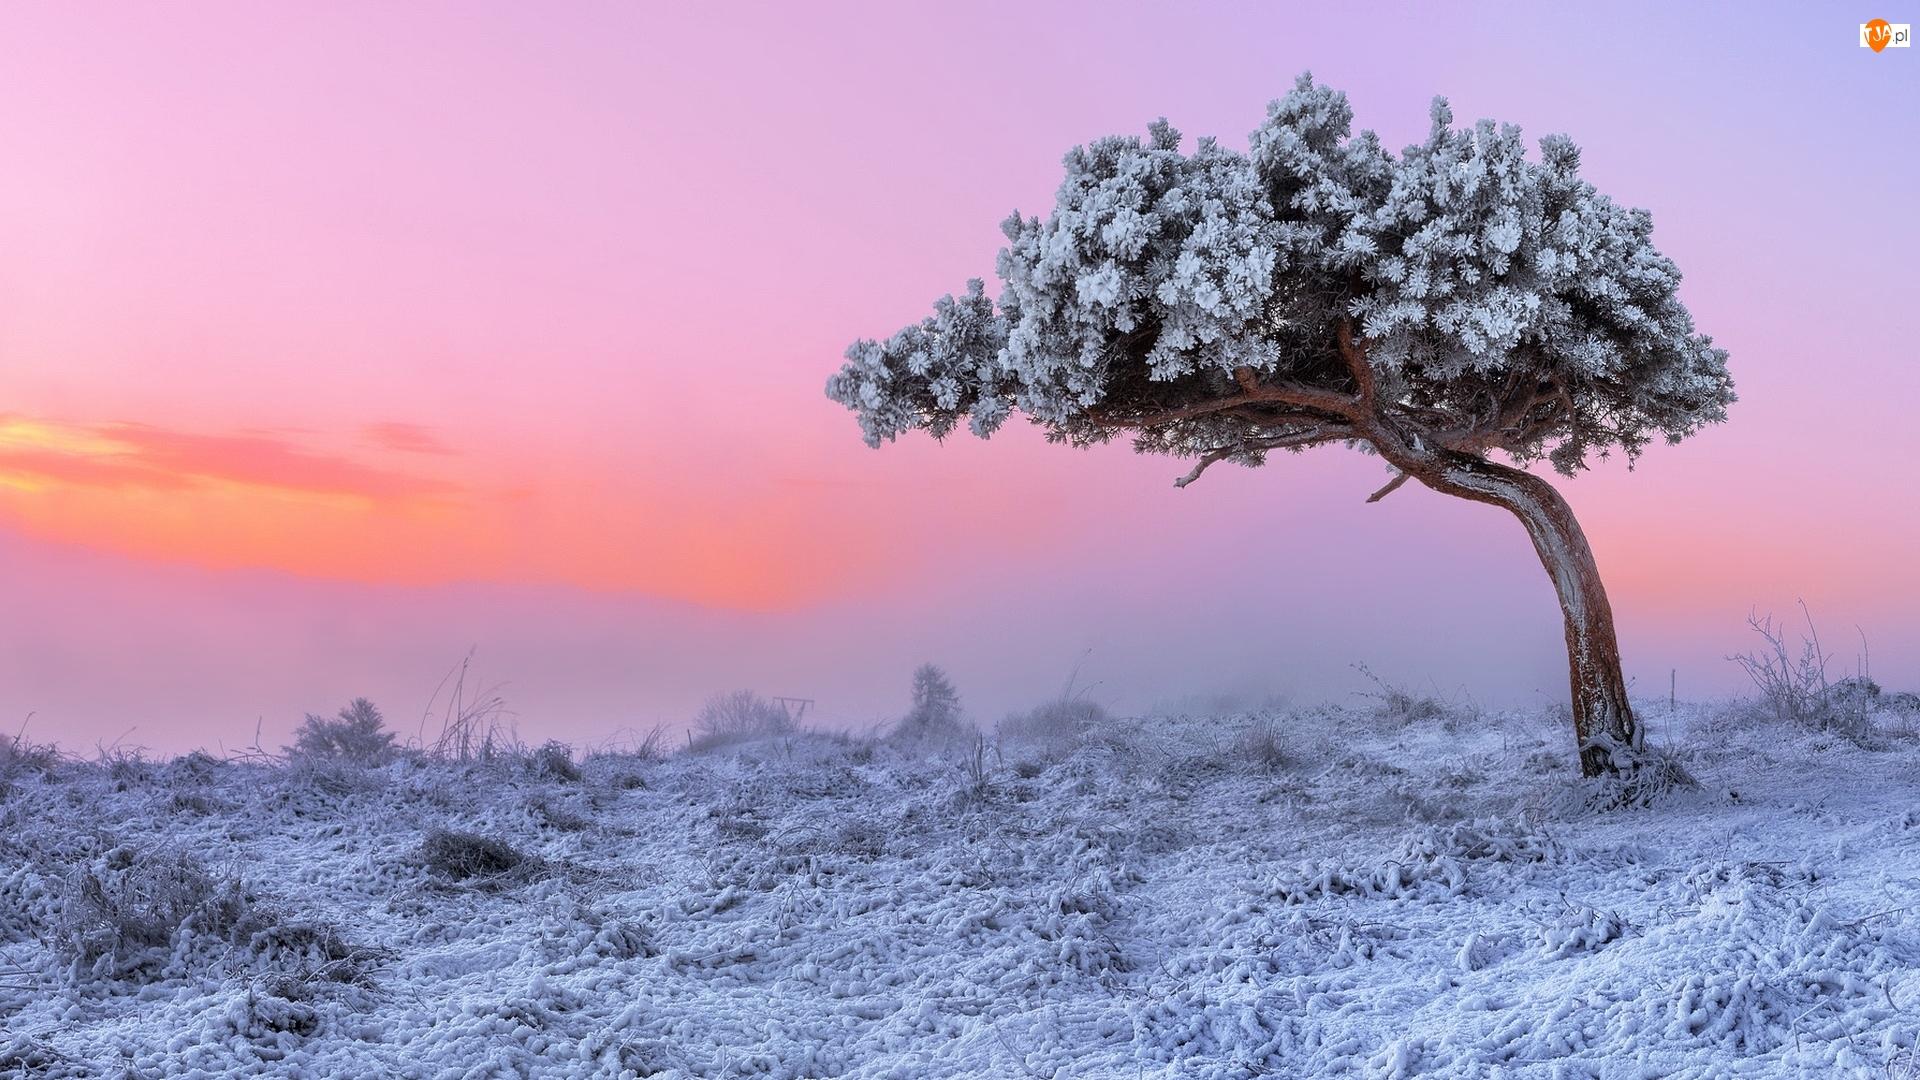 Drzewo, Zachód słońca, Oszronione, Zima, Sosna